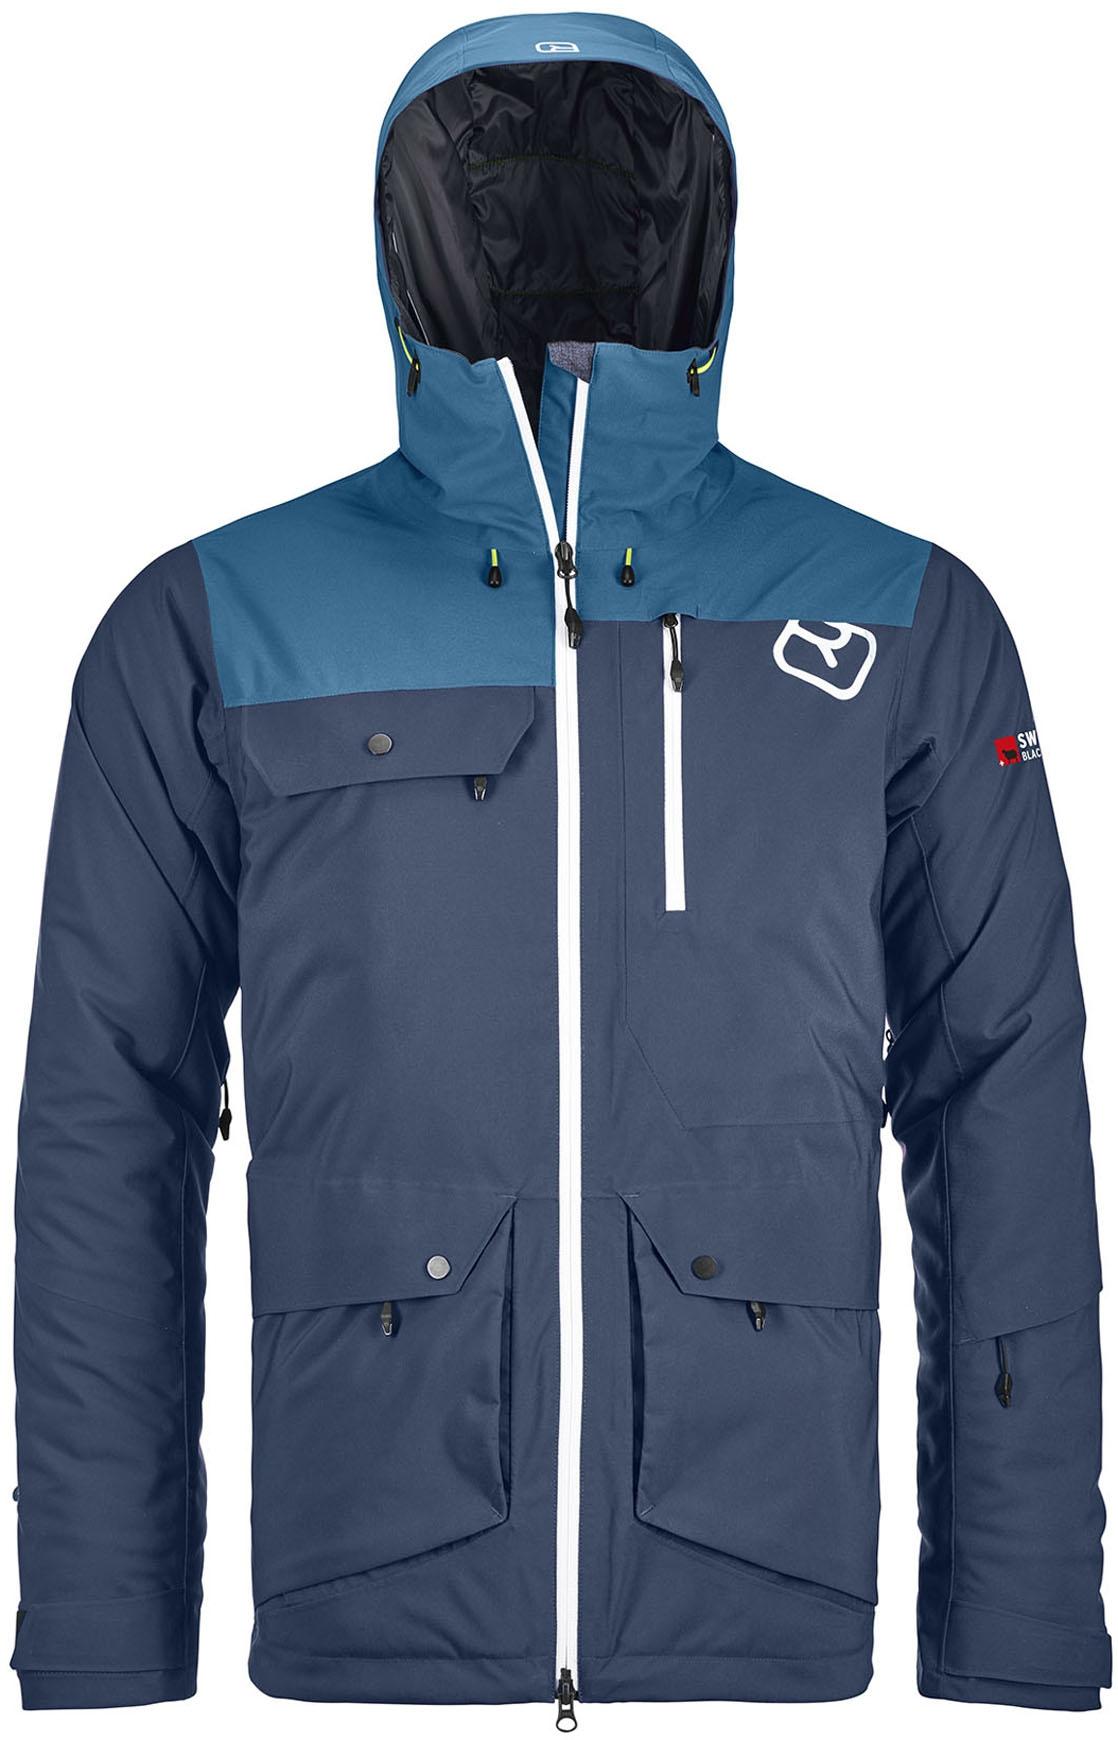 Night Andermatt Jacket 2l Swisswool M Blue kZiuwOPXTl